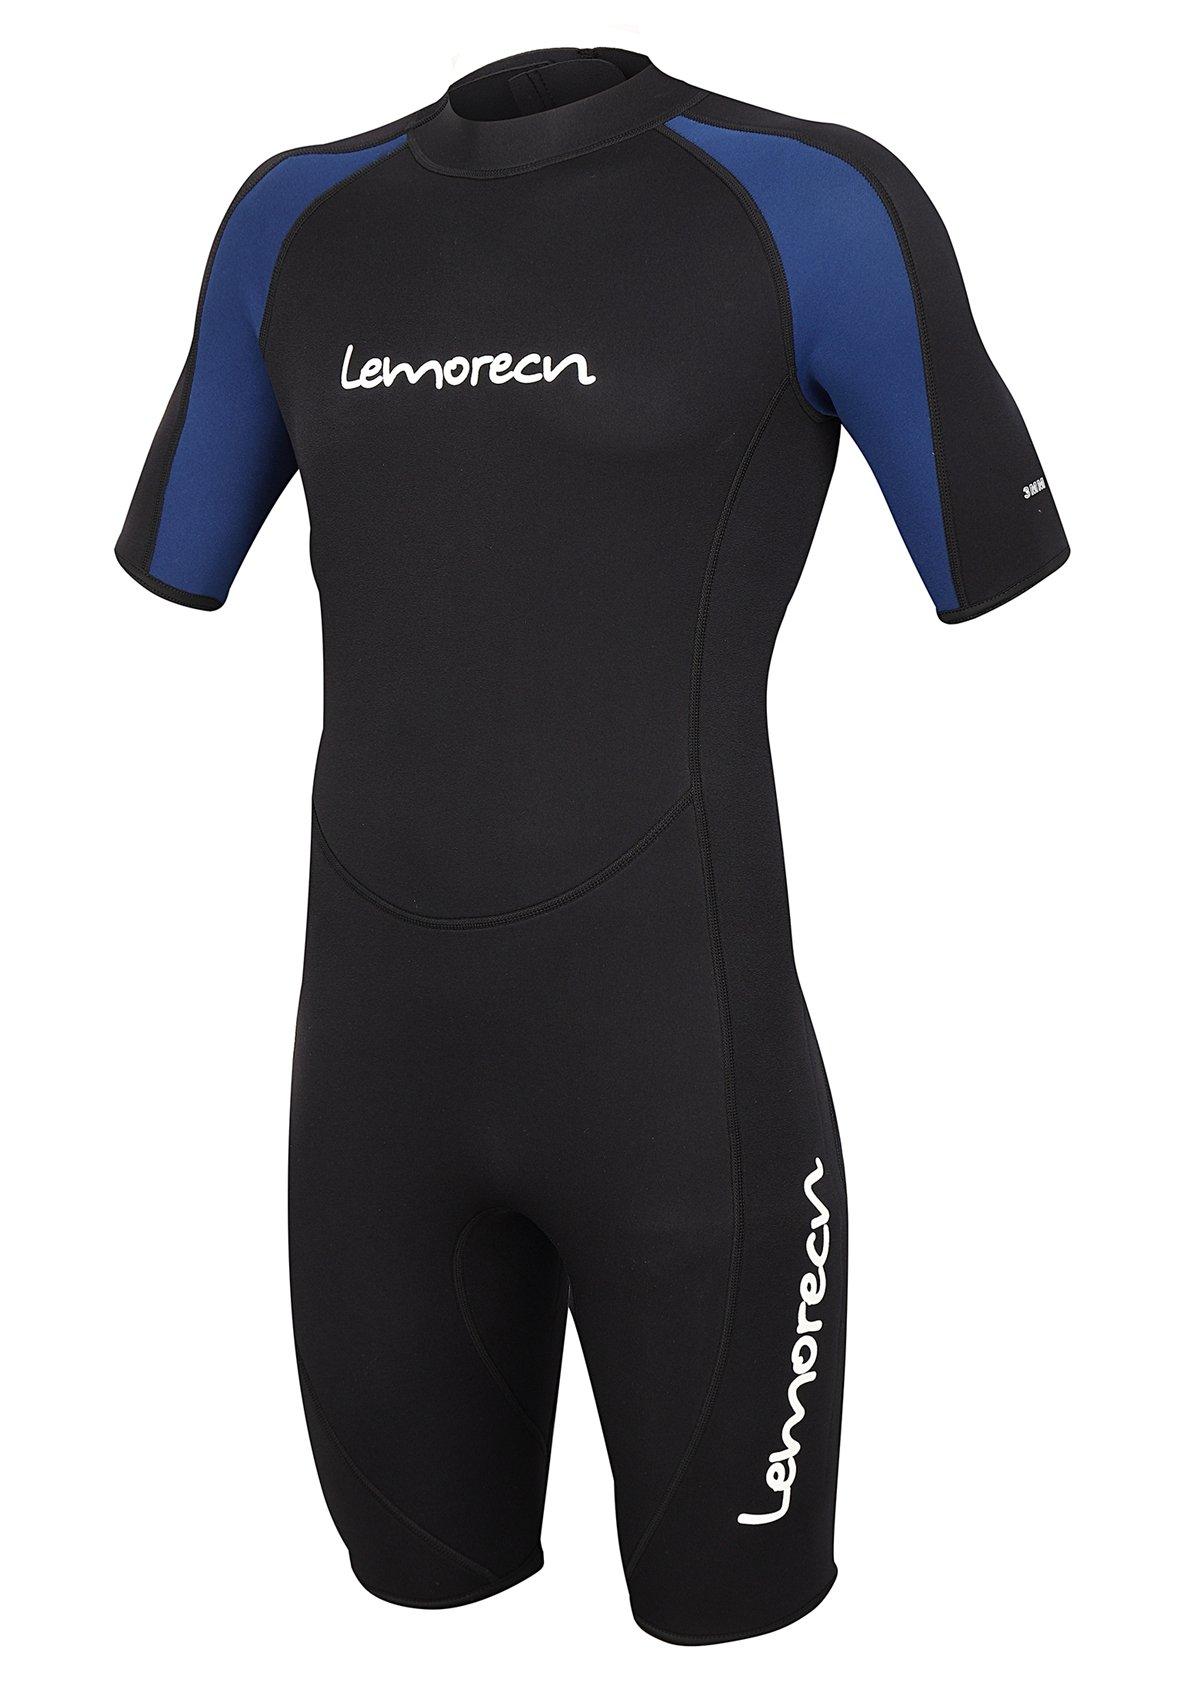 Lemorecn Wetsuits Mens Premium Neoprene Diving Suit 3mm Shorty Jumpsuit(3035,2XL) by Lemorecn (Image #1)